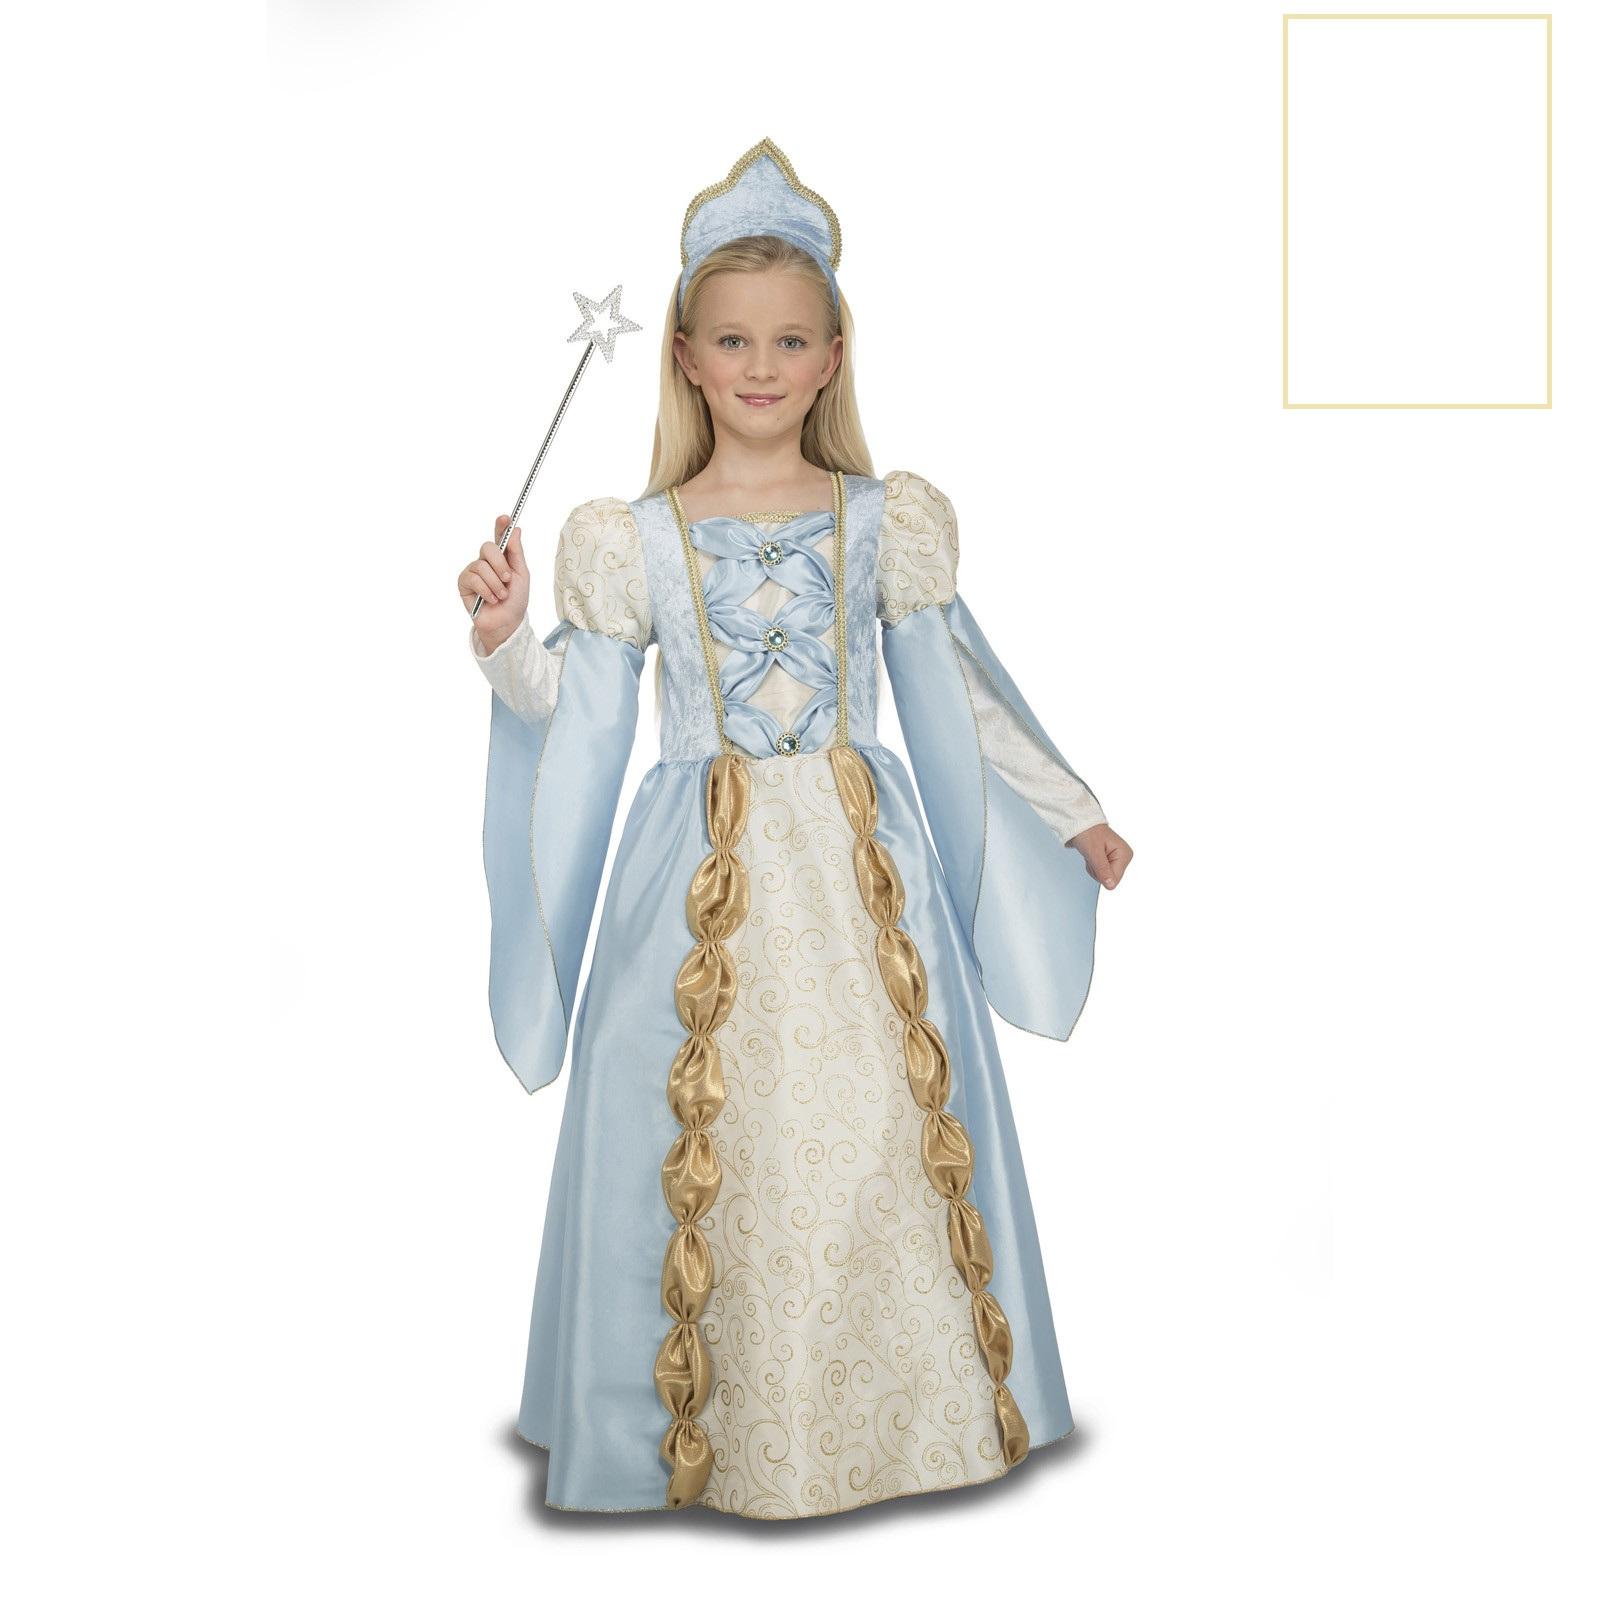 disfraz reina azul niña 204113mom - DISFRAZ DE REINA AZUL NIÑA